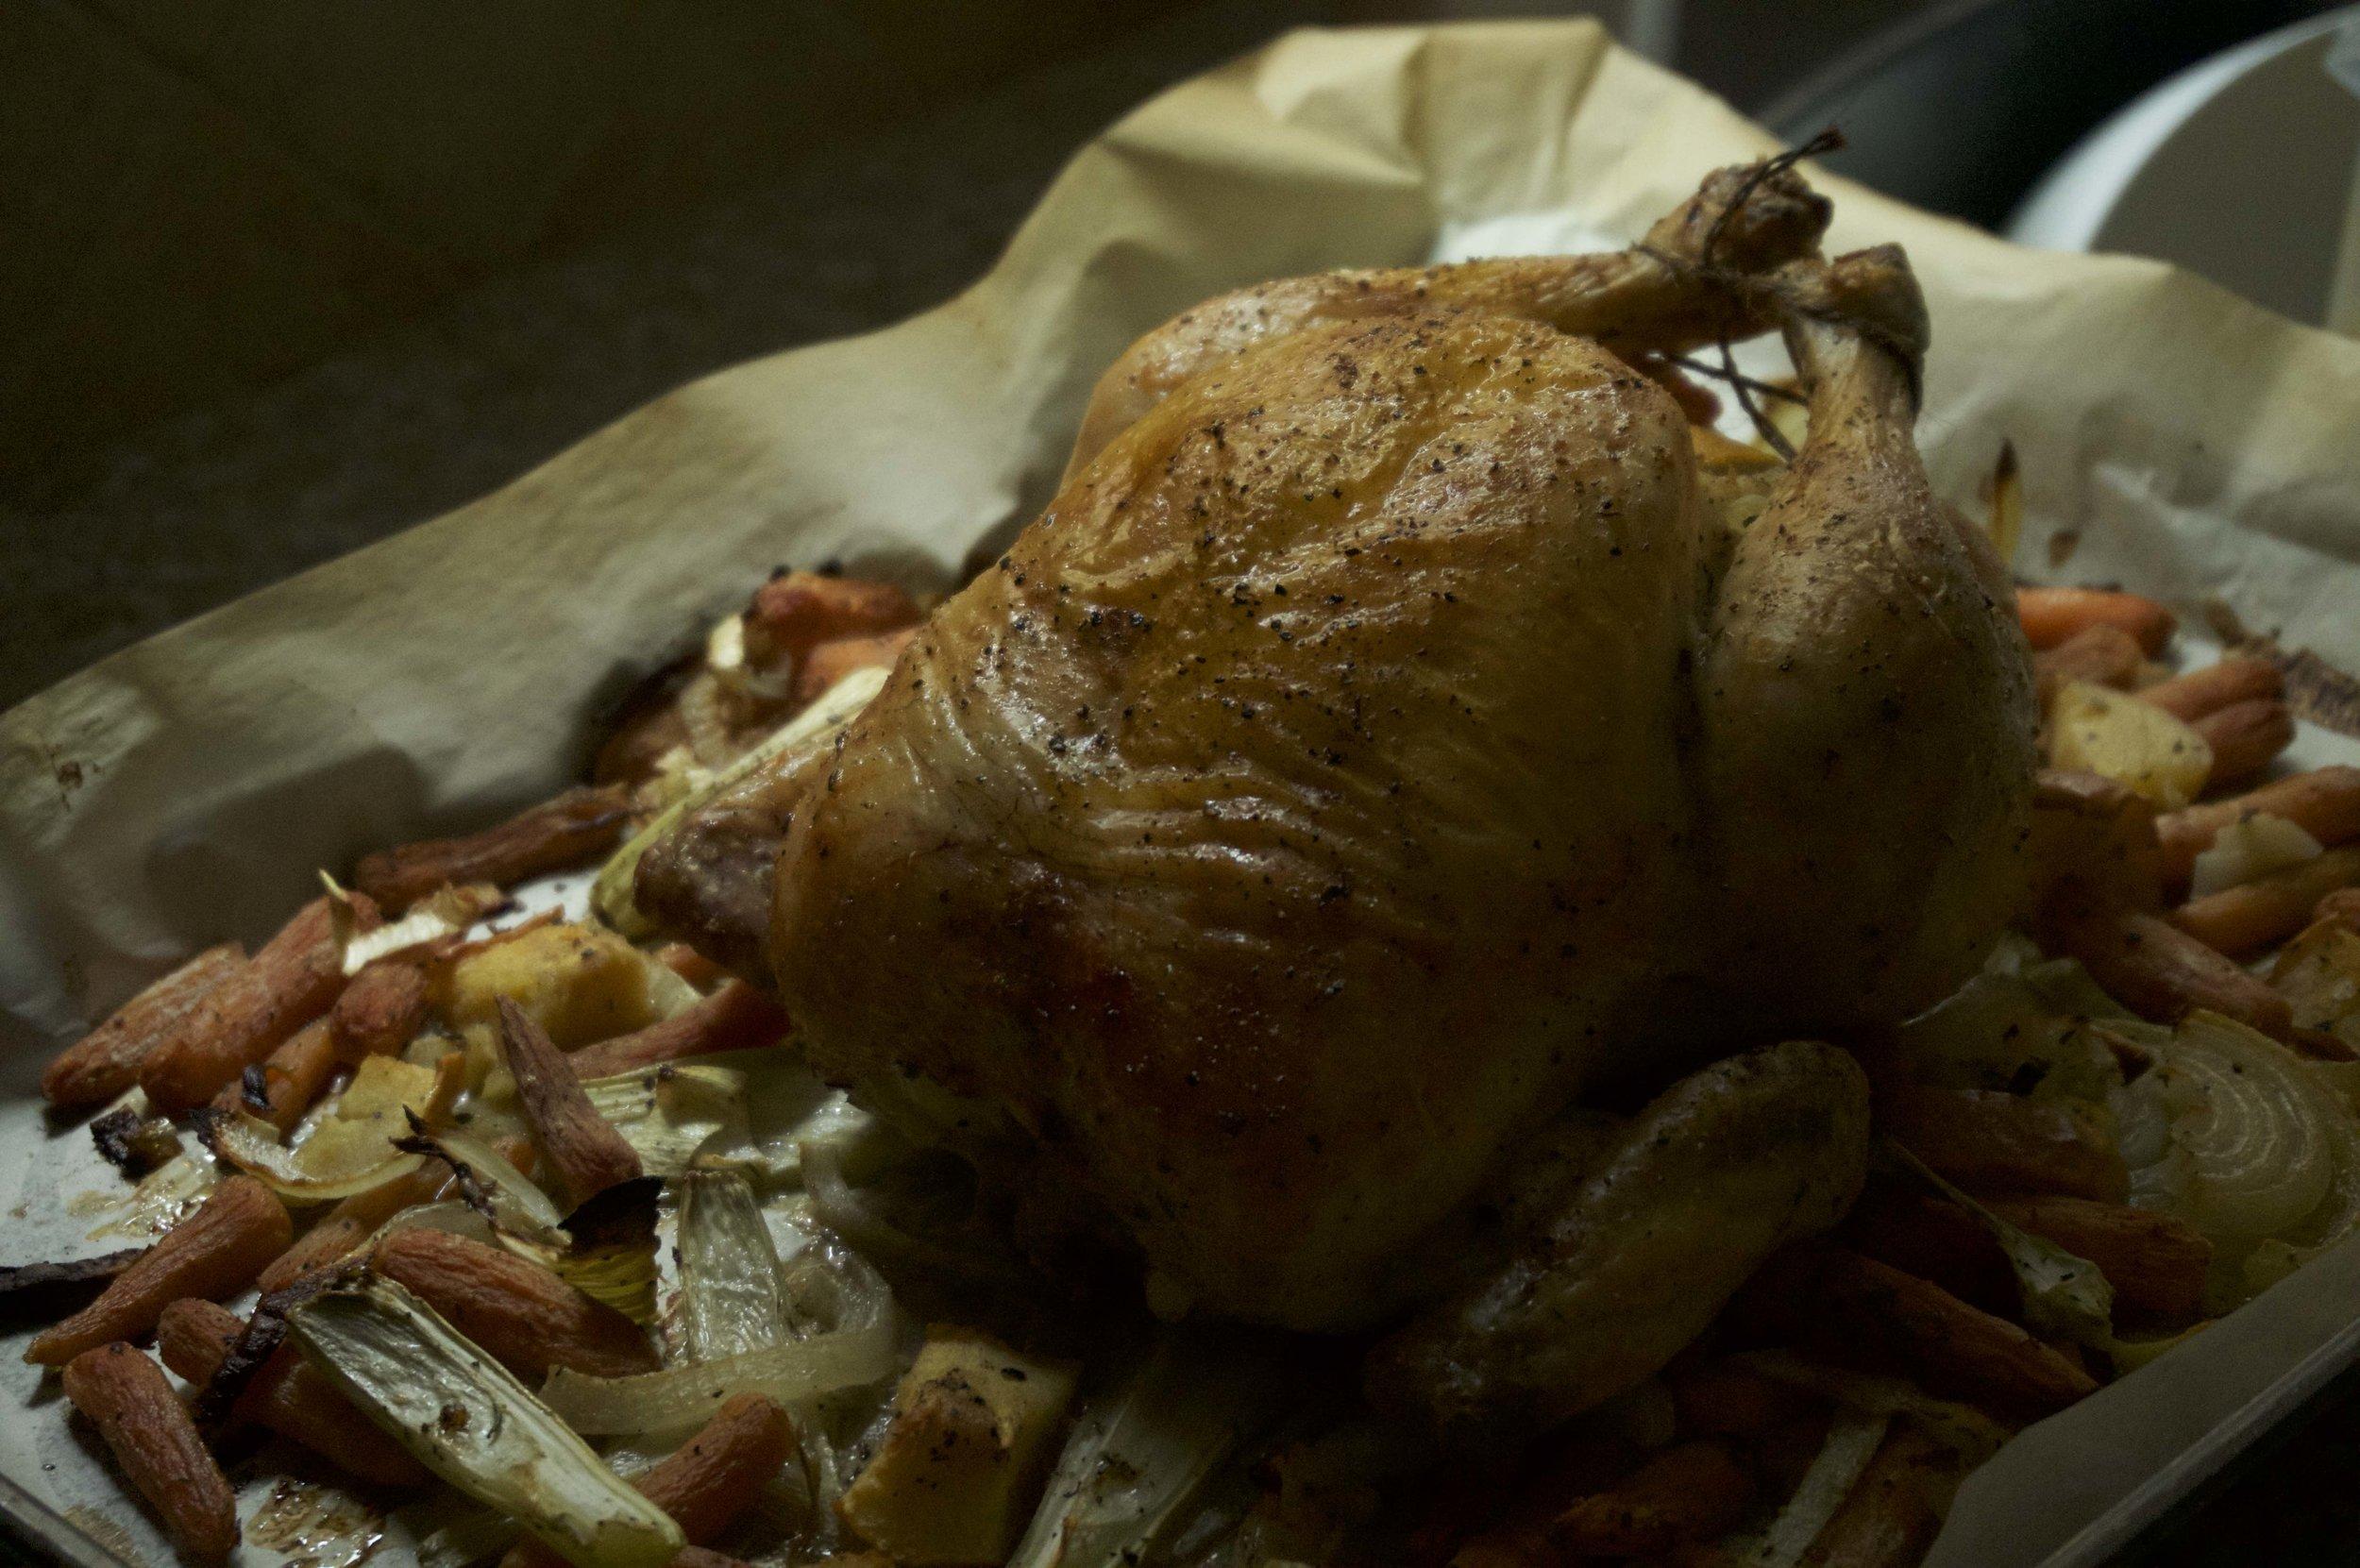 Ina Garten's roast chicken recipe. Infamous.